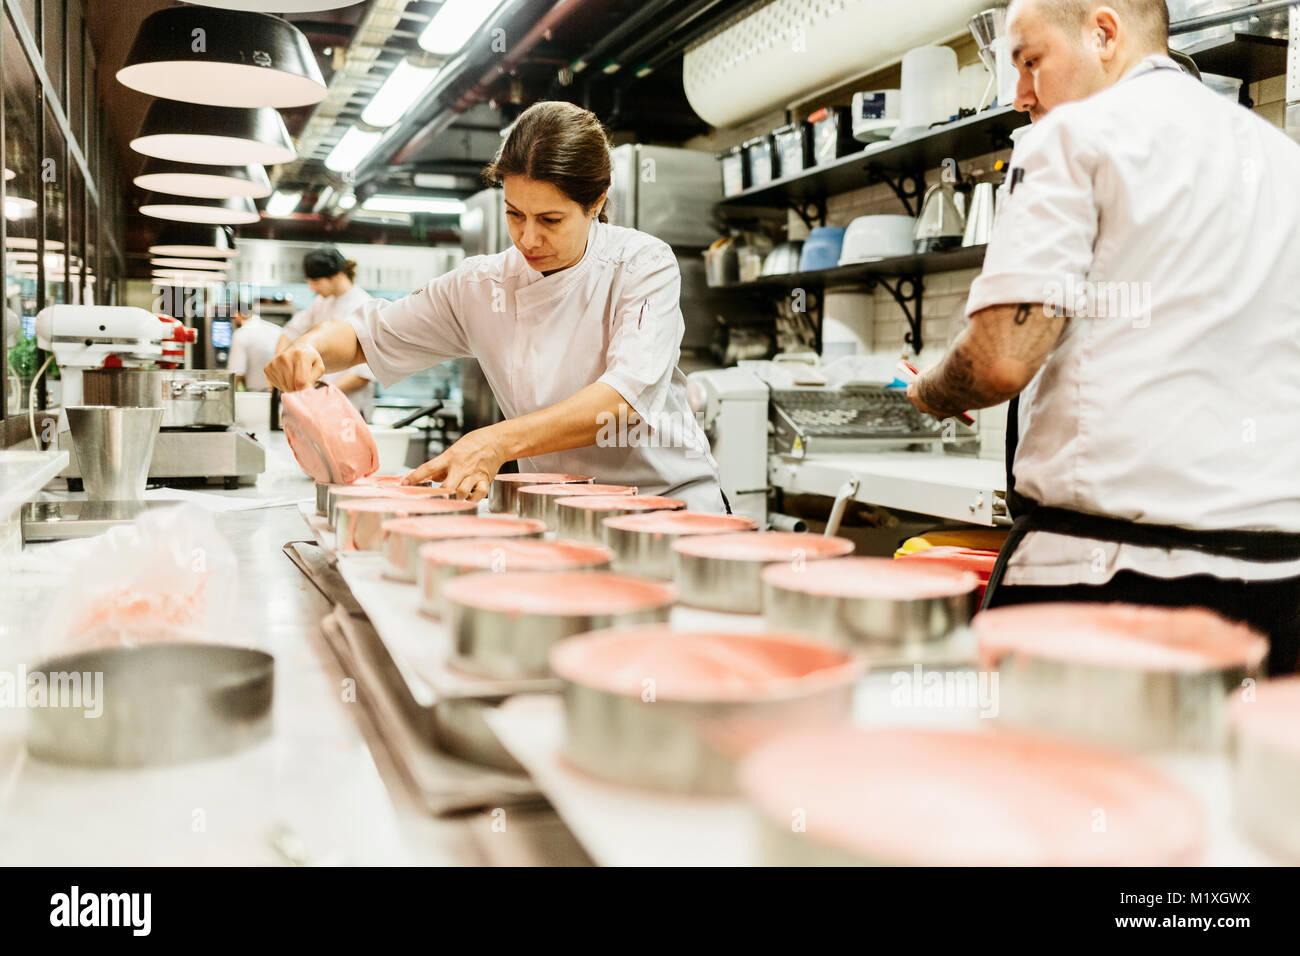 Los chefs en panadería en Suecia Imagen De Stock